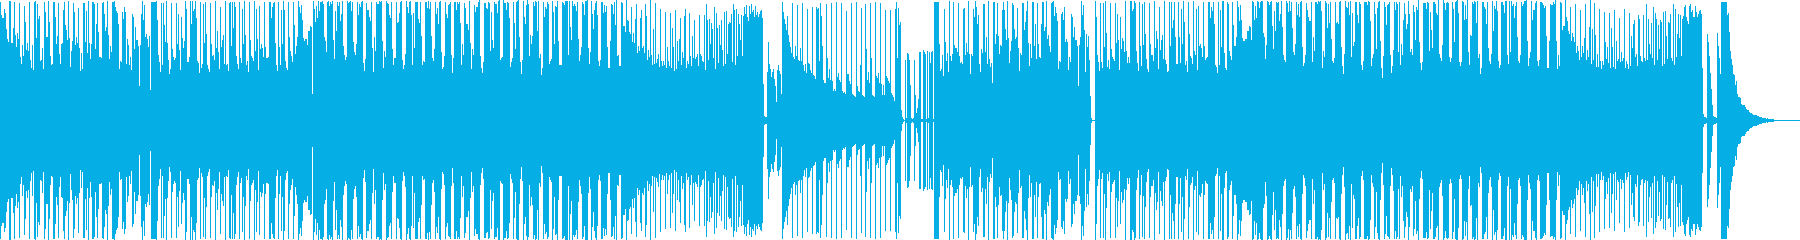 EDM バトル 攻撃 戦闘 格闘 命がけの再生済みの波形